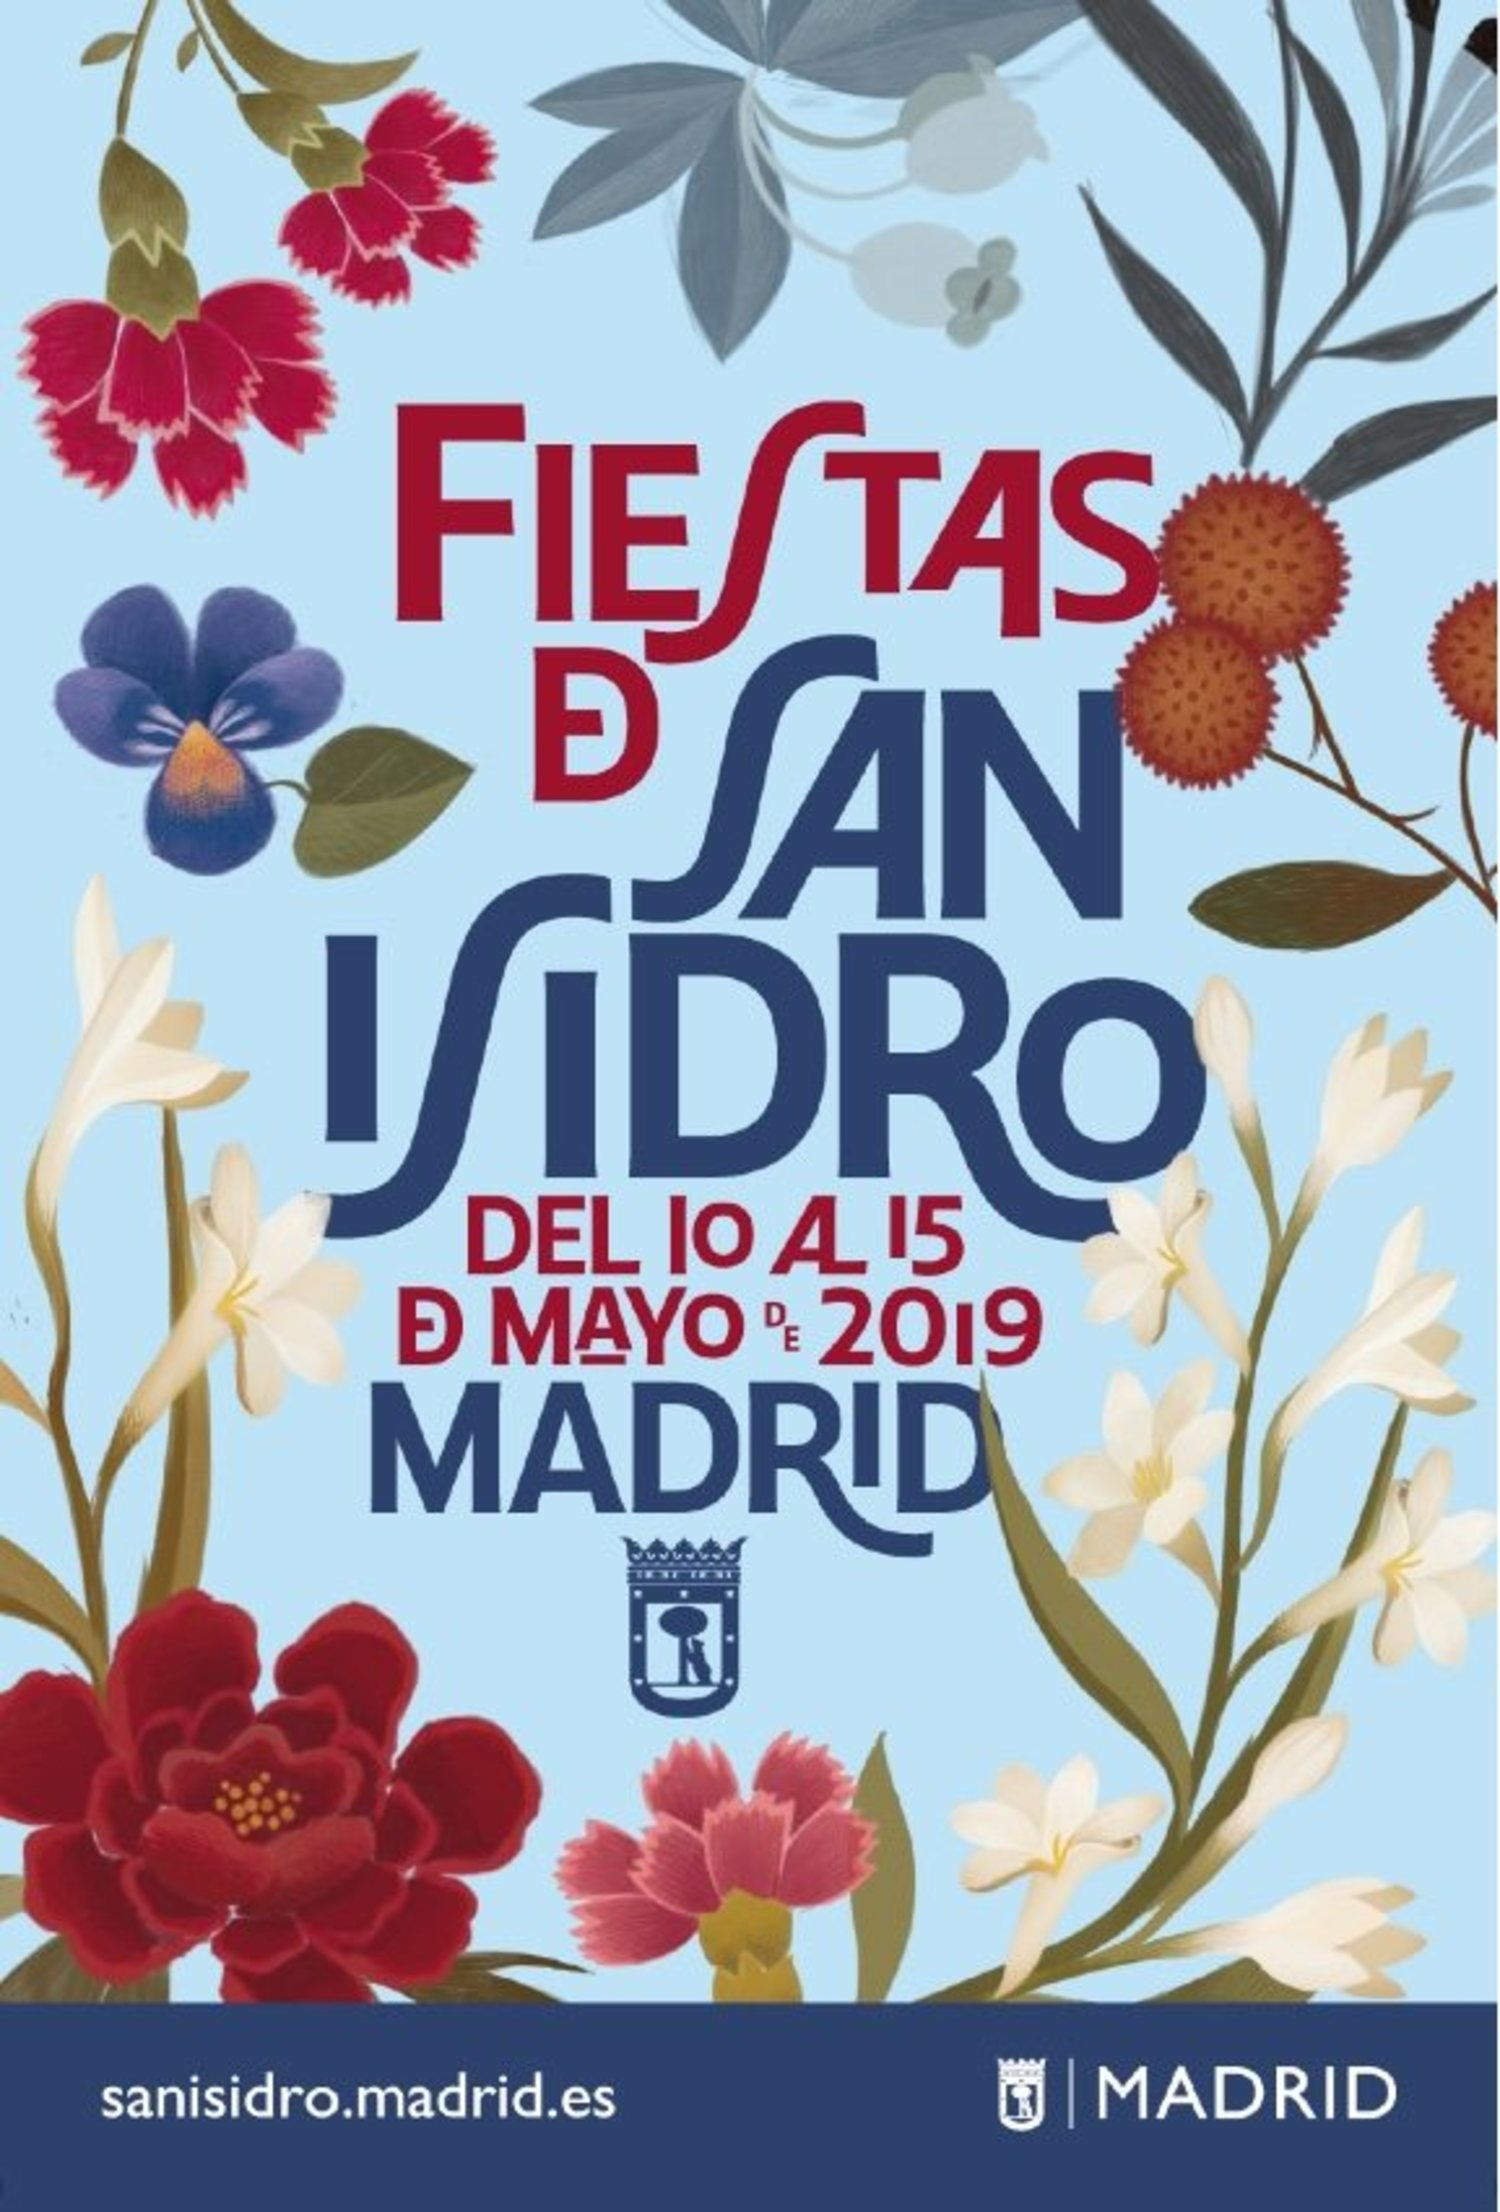 Cartel de las Fiestas de San Isidro 2019